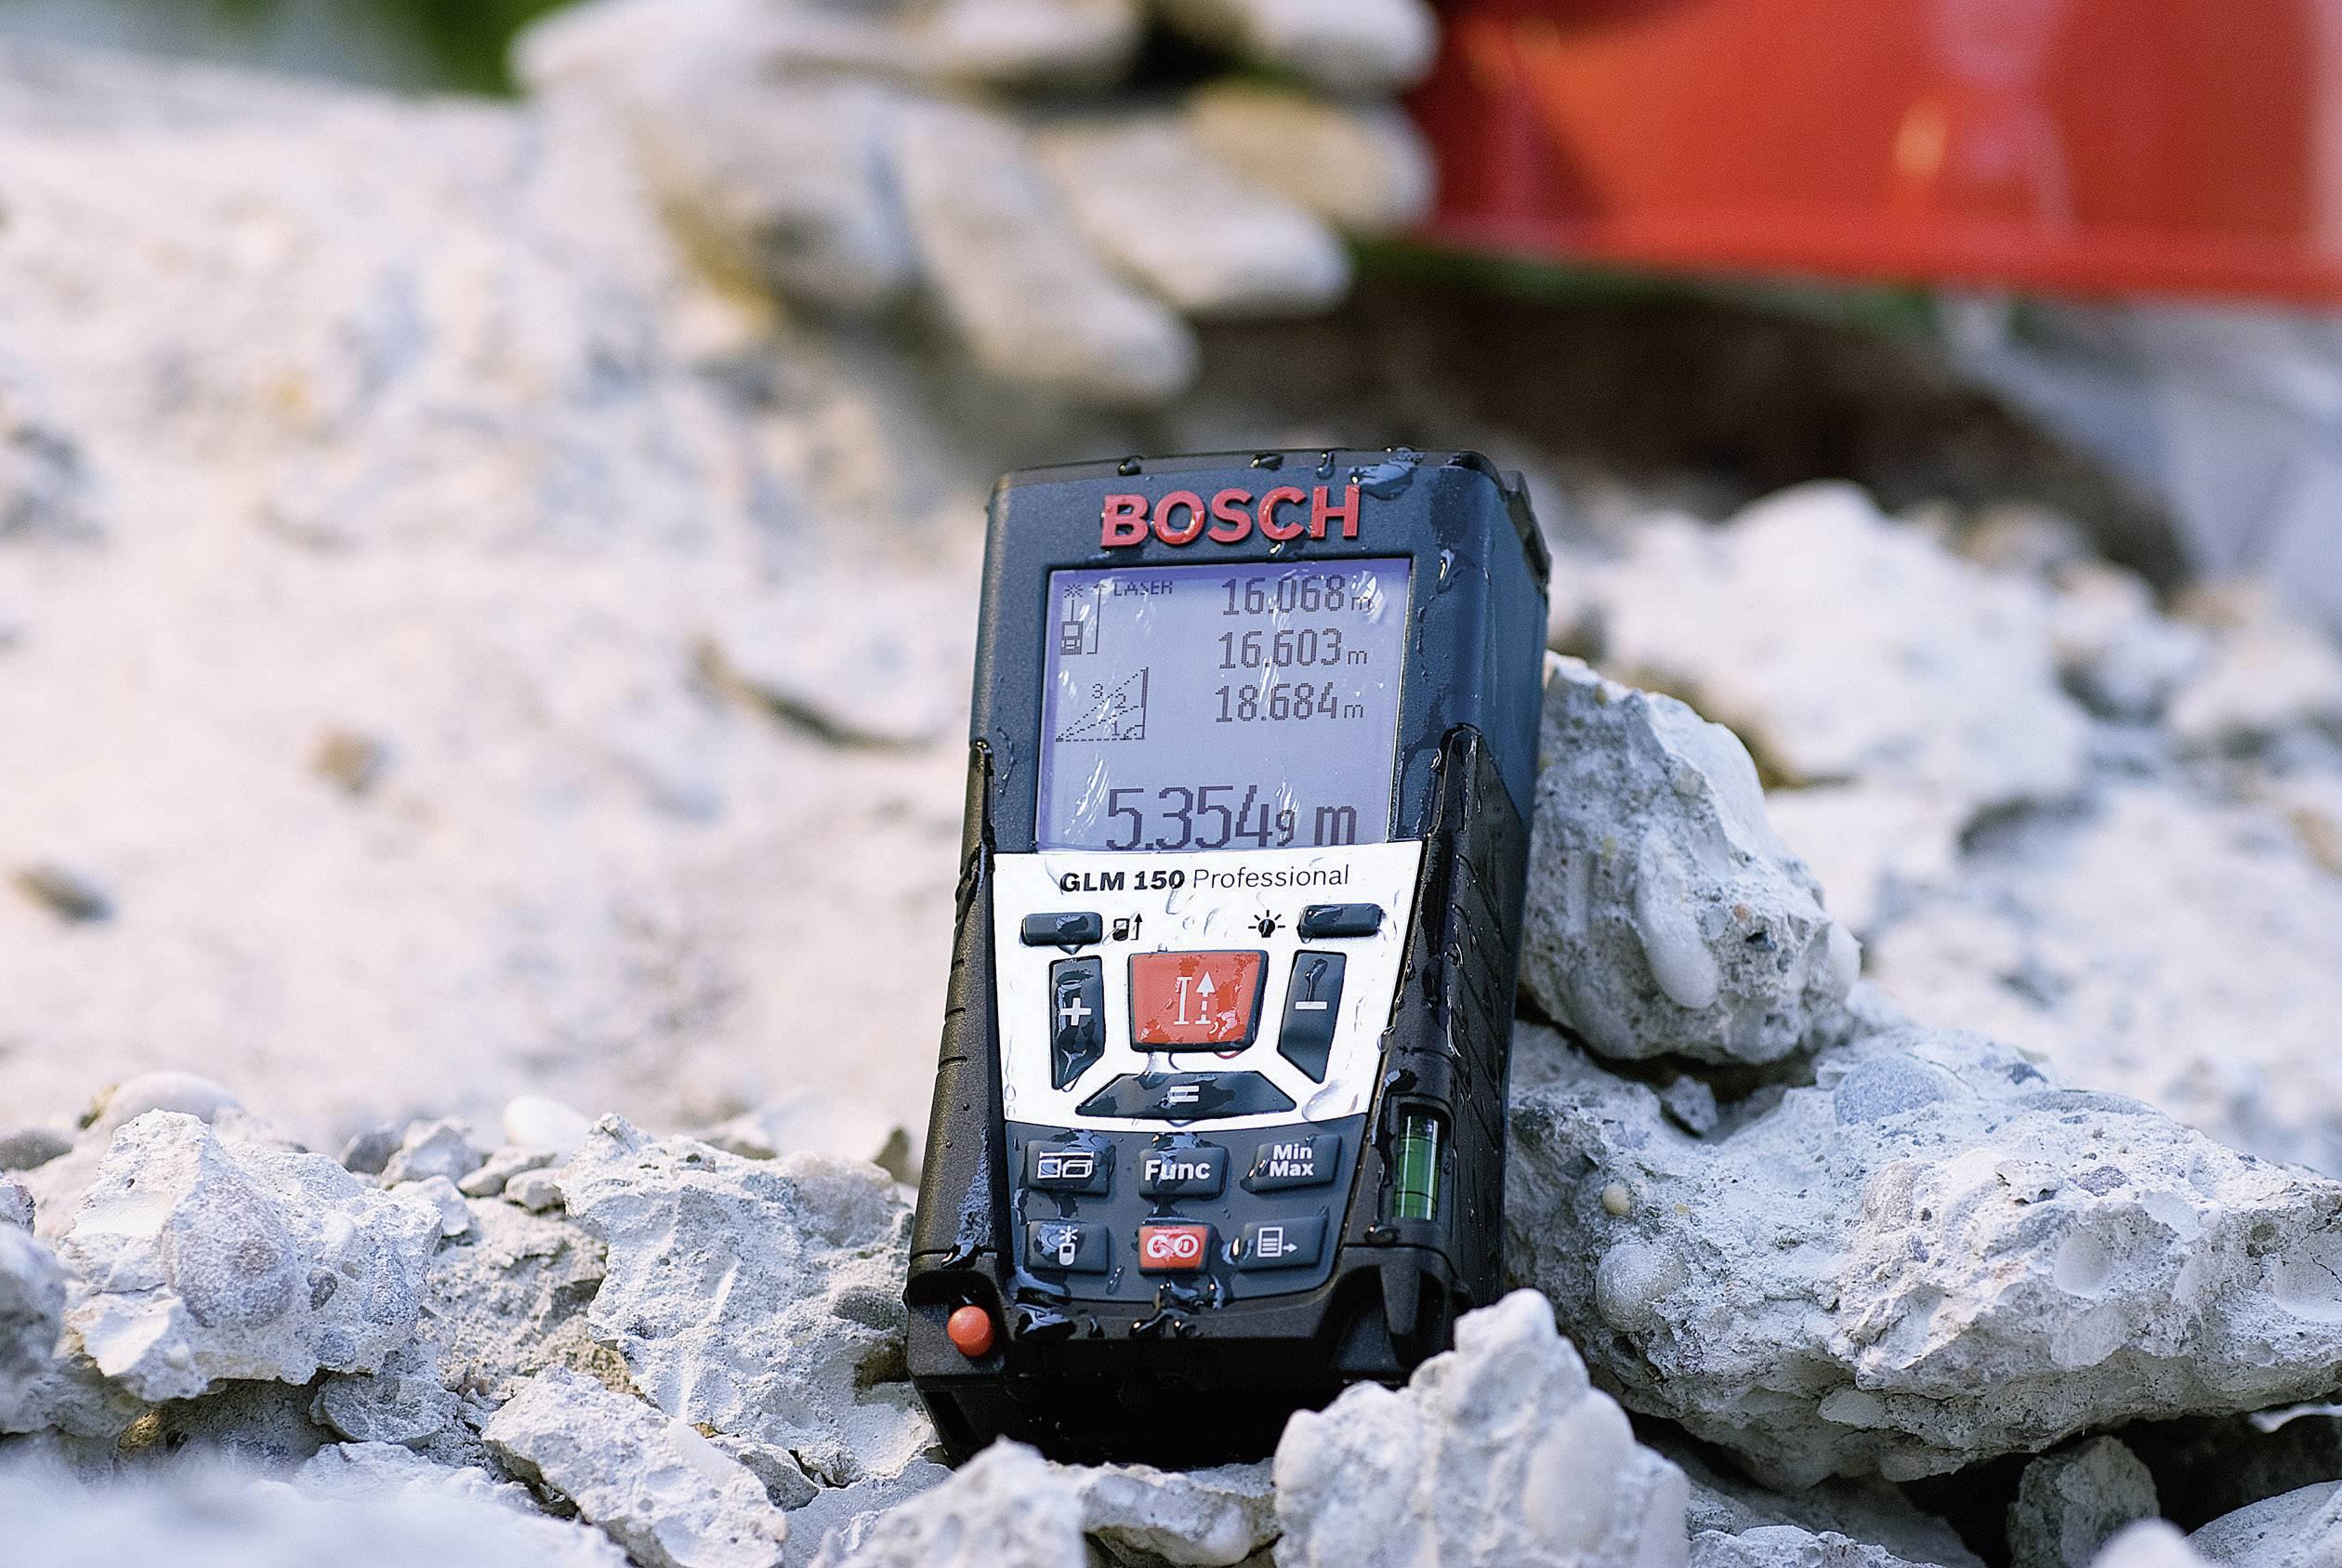 Bosch laser entfernungsmesser glm bedienungsanleitung bosch